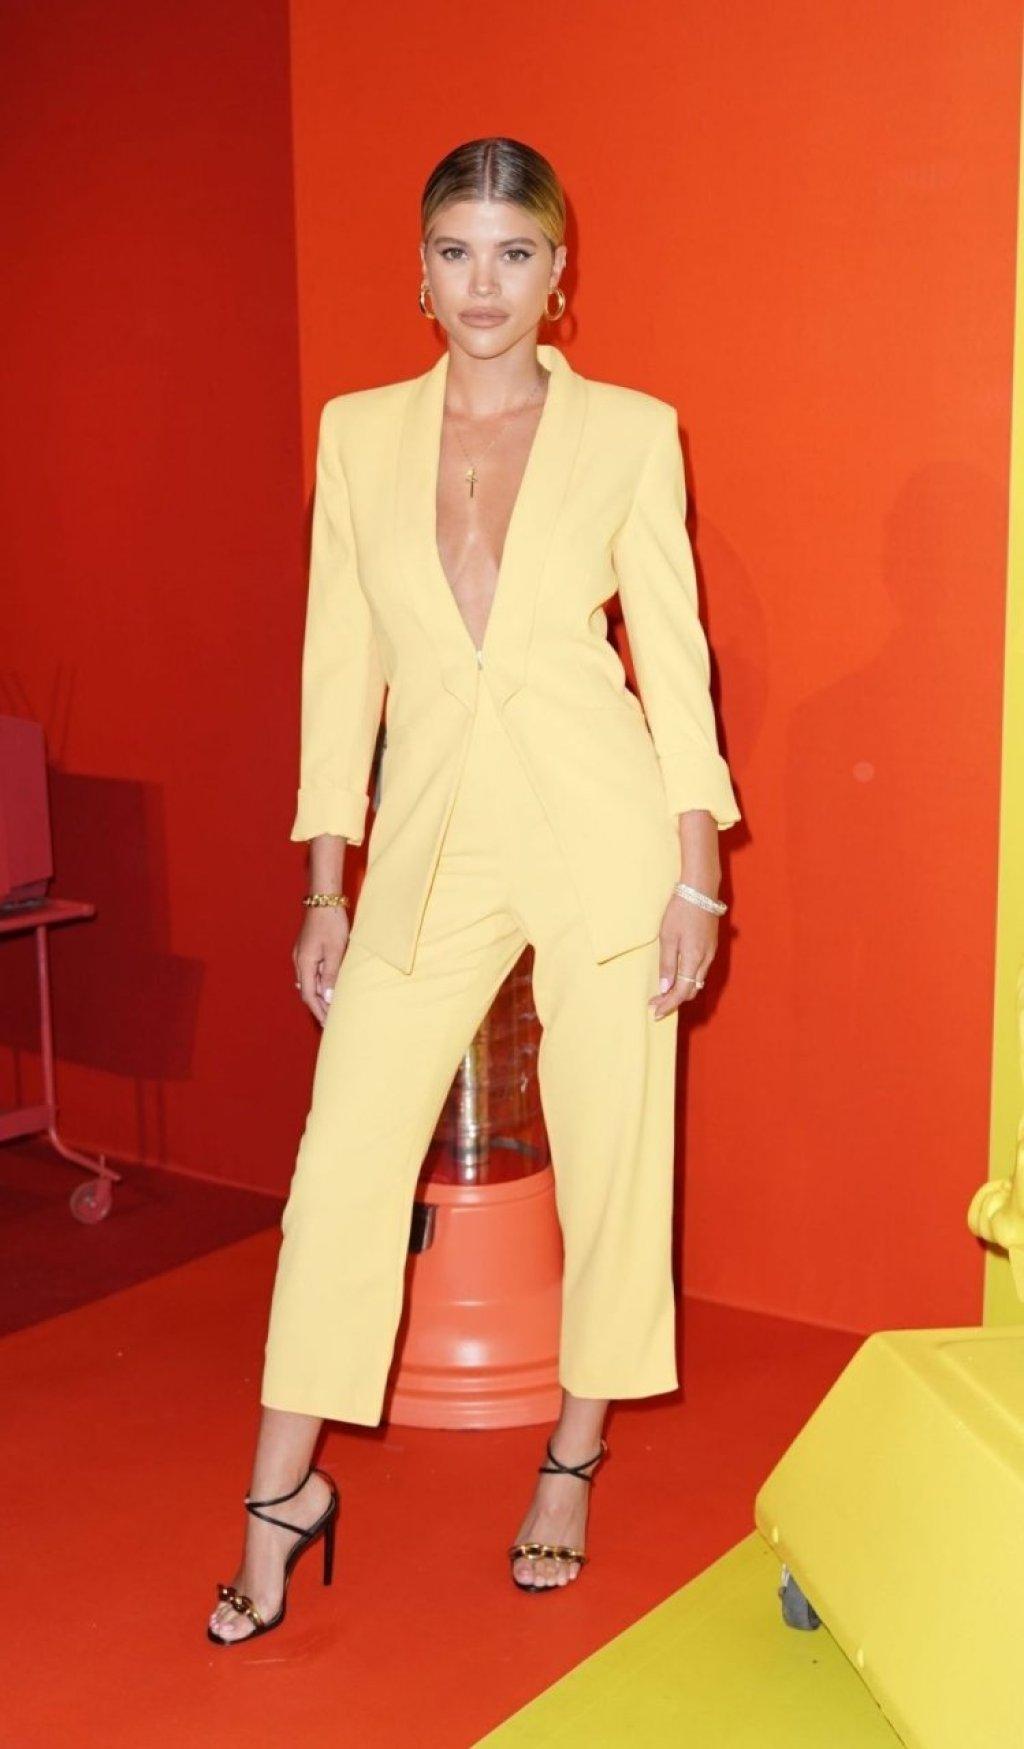 Sofia Richie Hot (64 Photos)